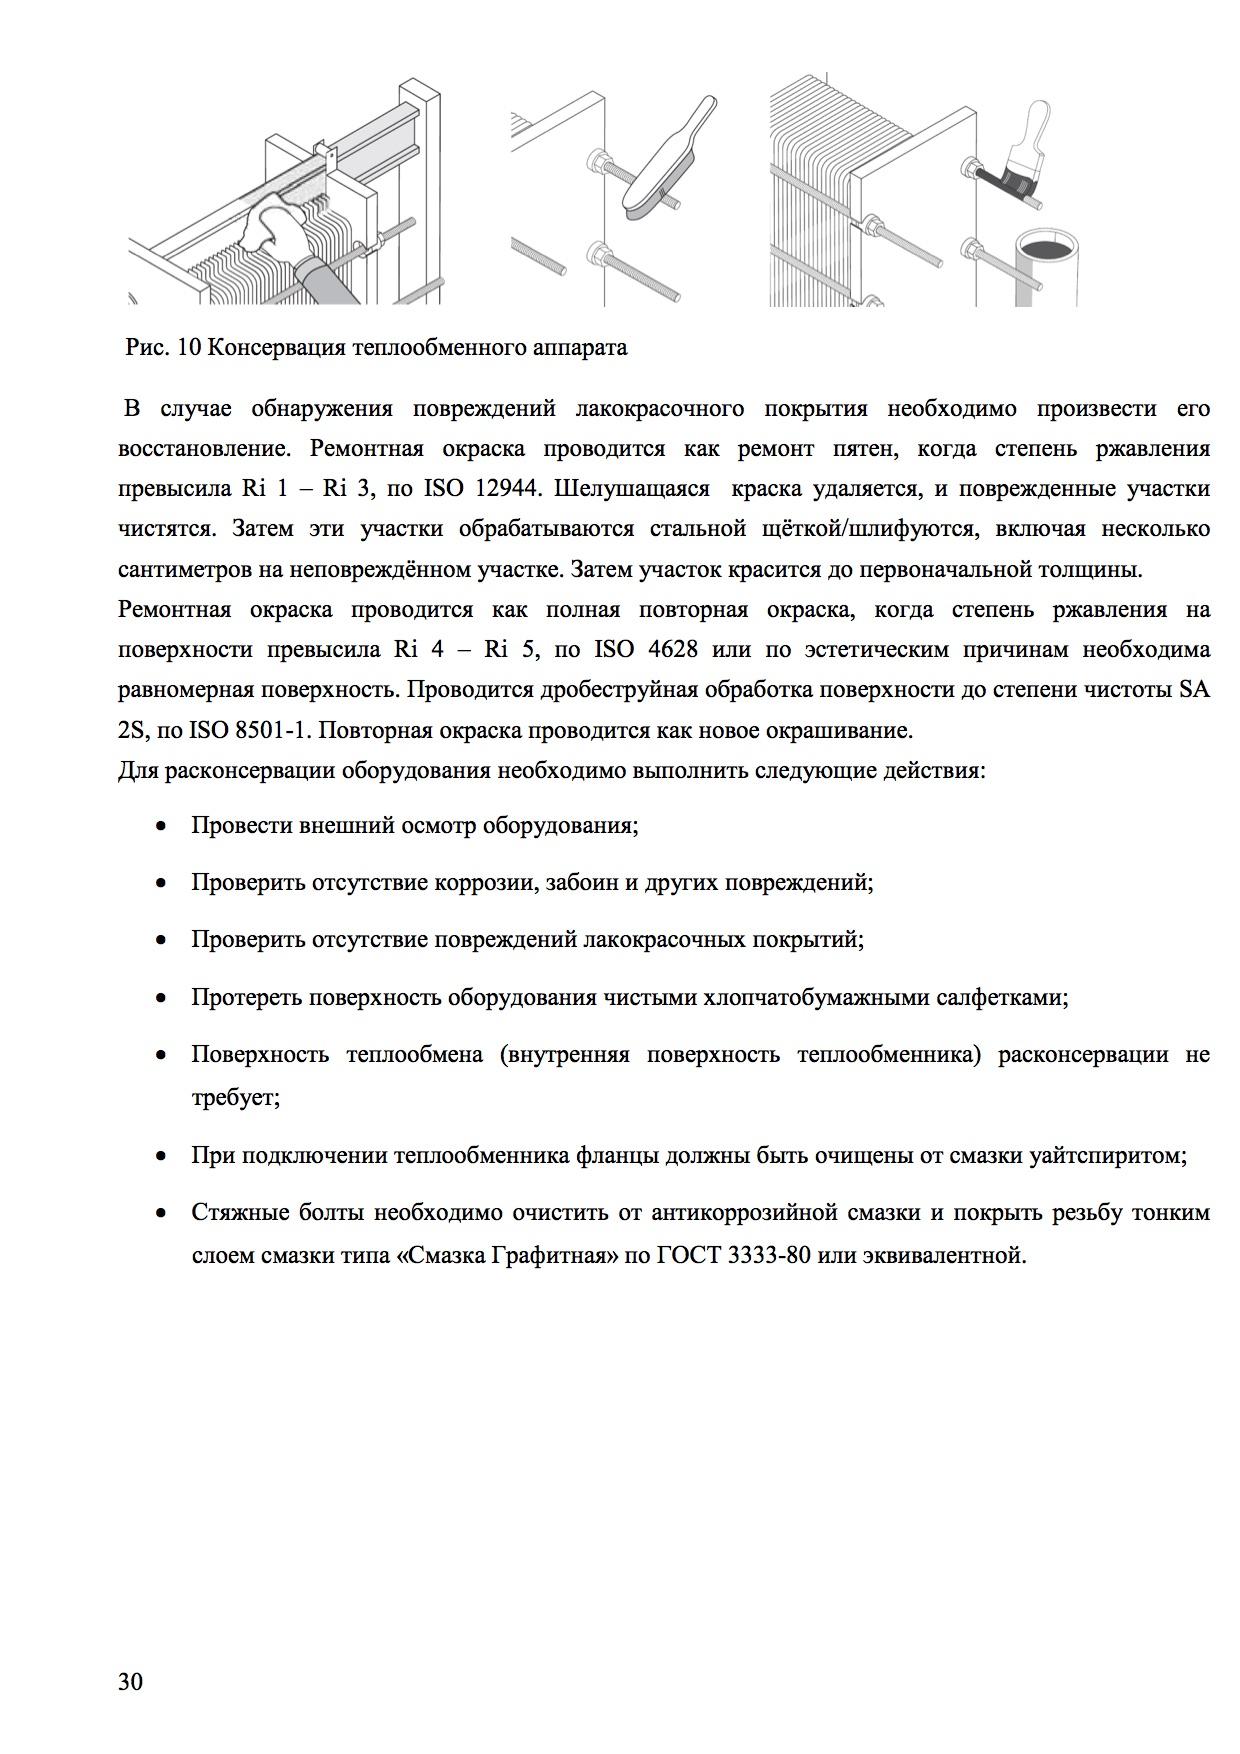 Инструкция по ремонту теплообменника Пластинчатый разборный теплообменник SWEP GX-60P Железногорск